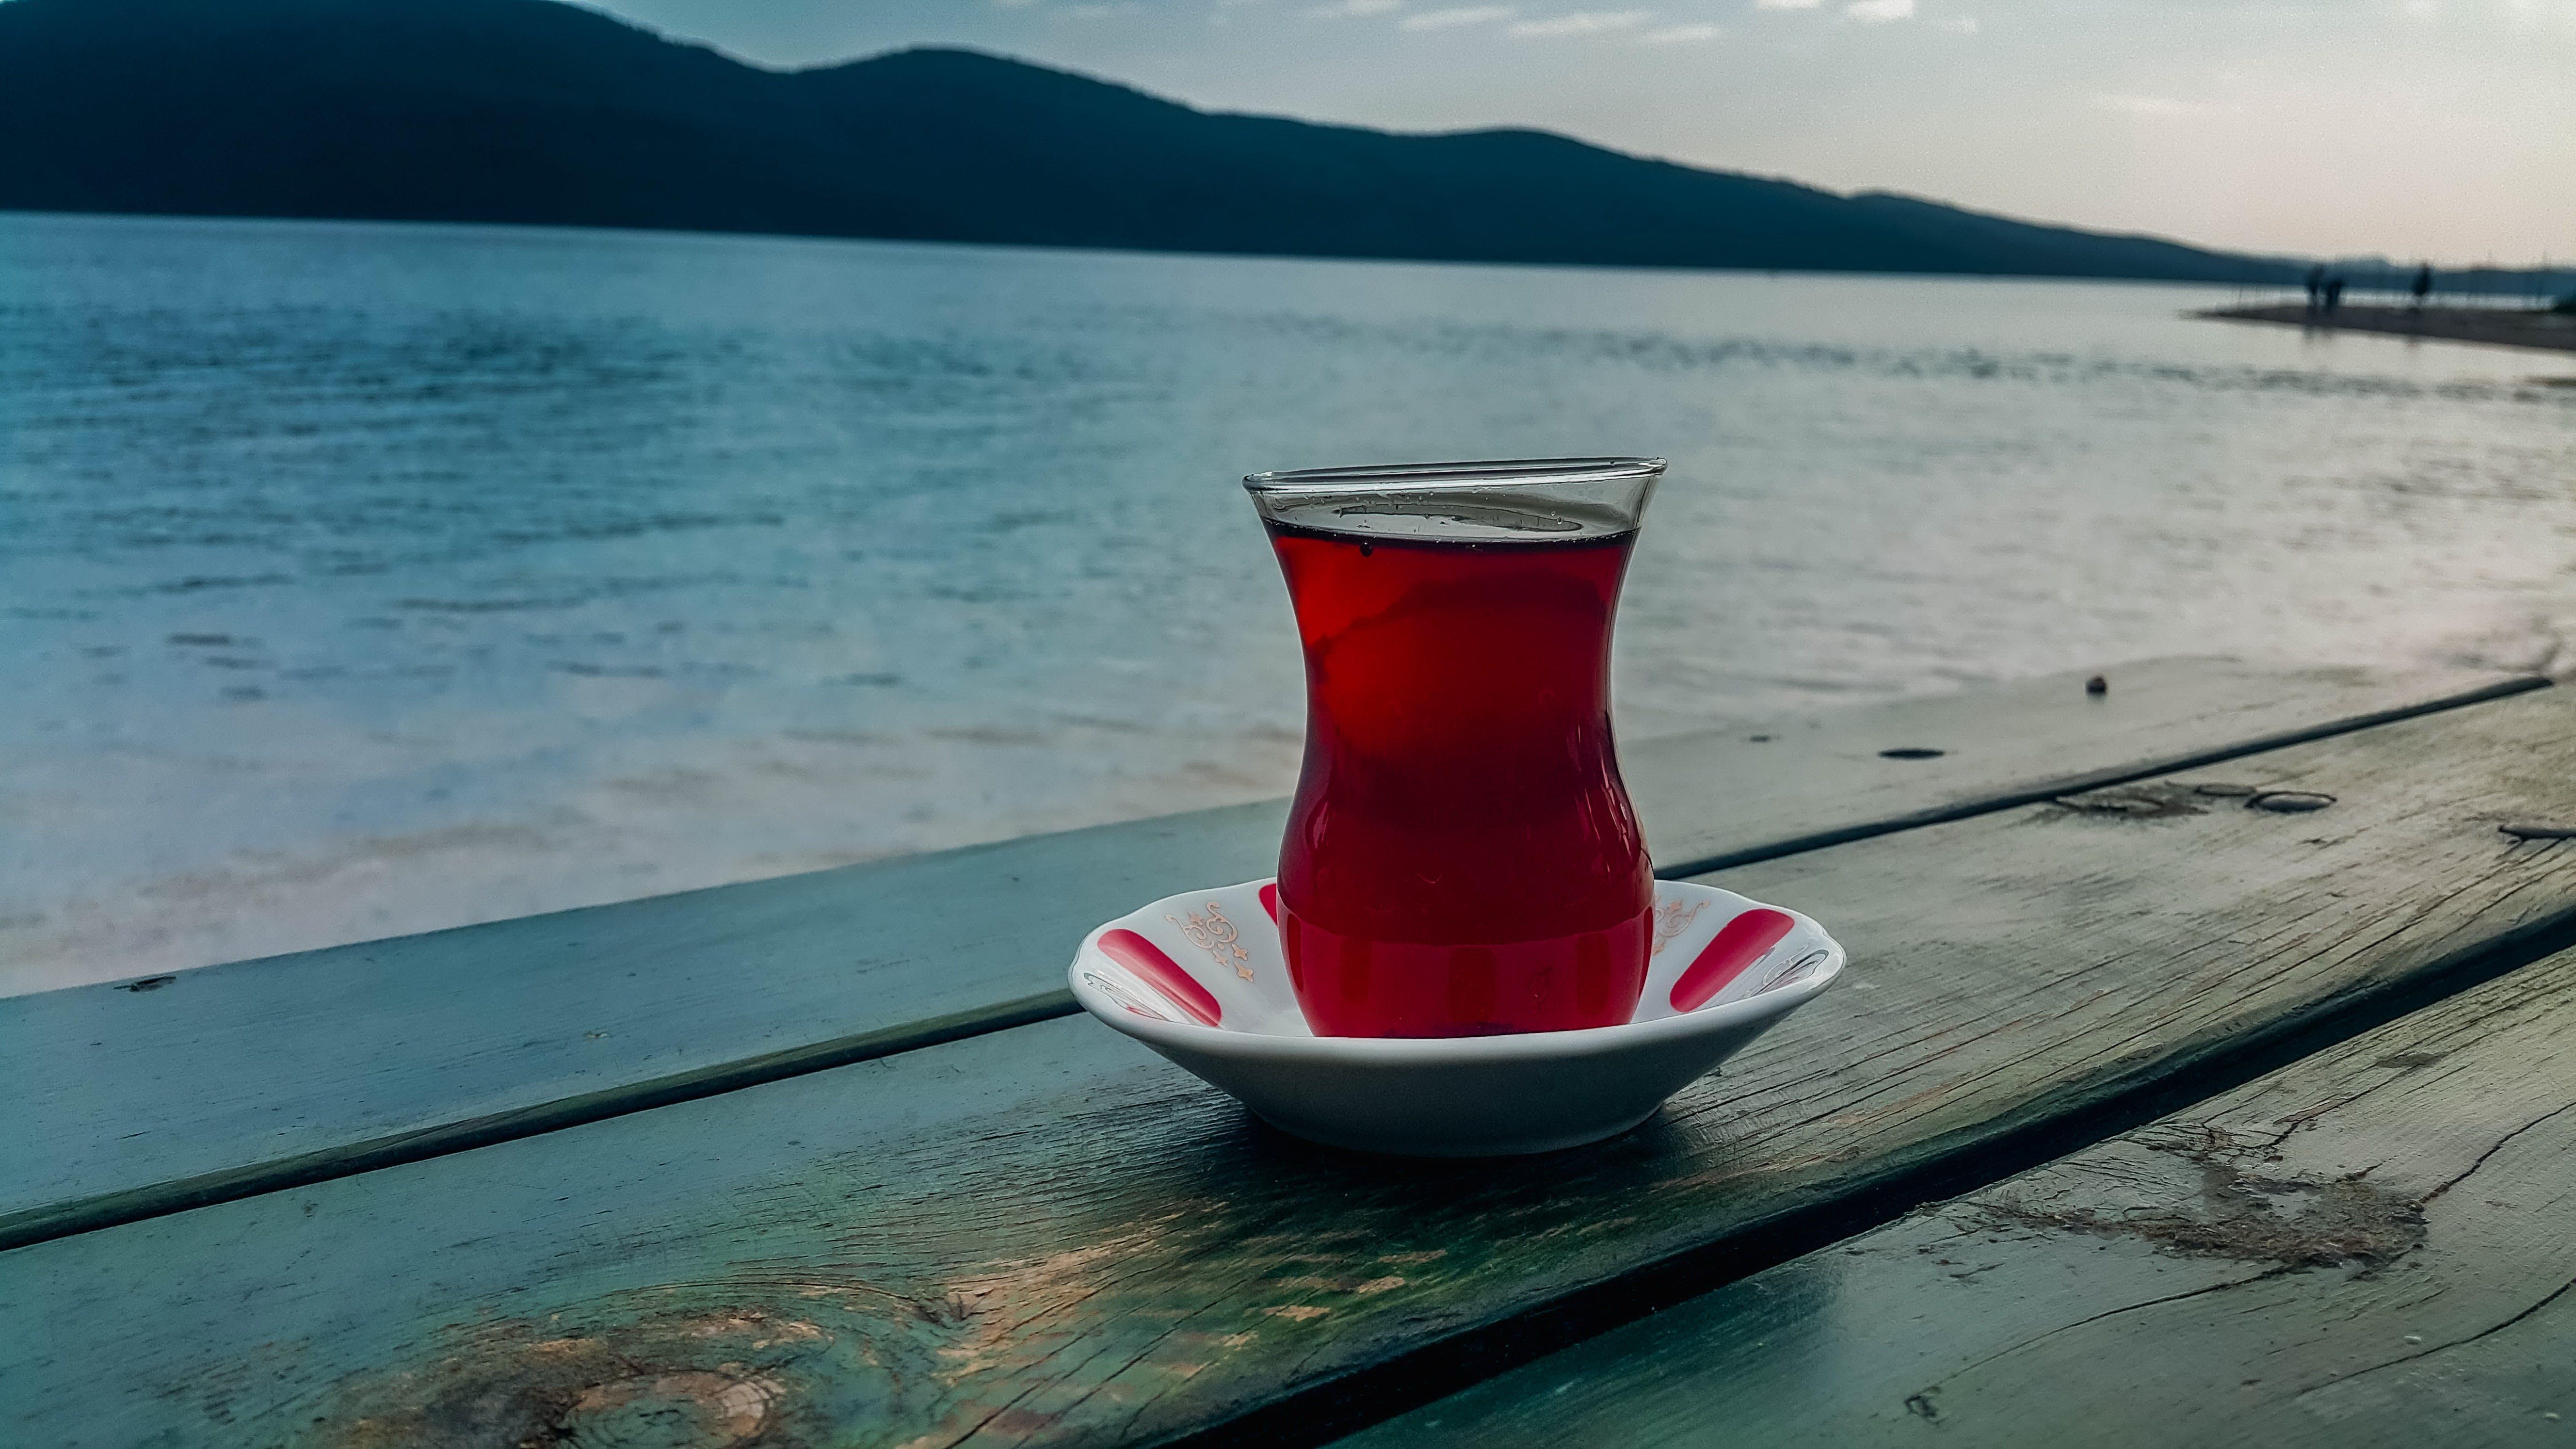 Fotos de stock gratuitas de té